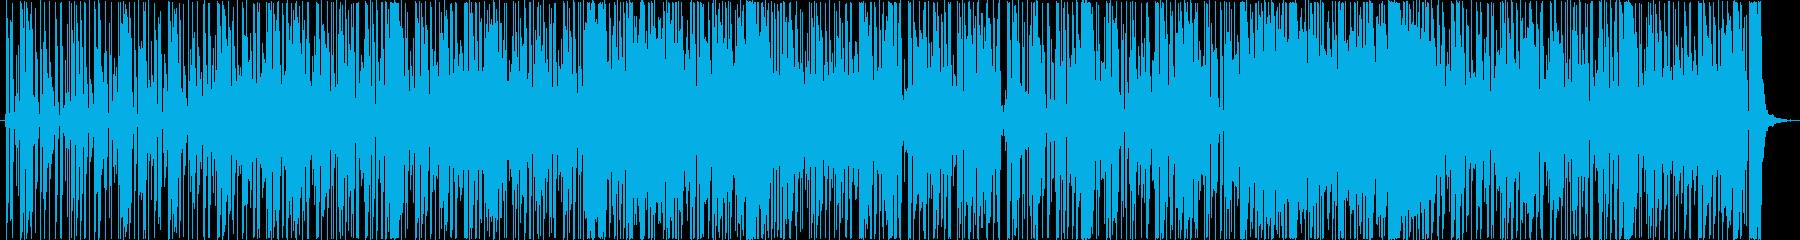 レトロでシックなファンキーサウンドの再生済みの波形